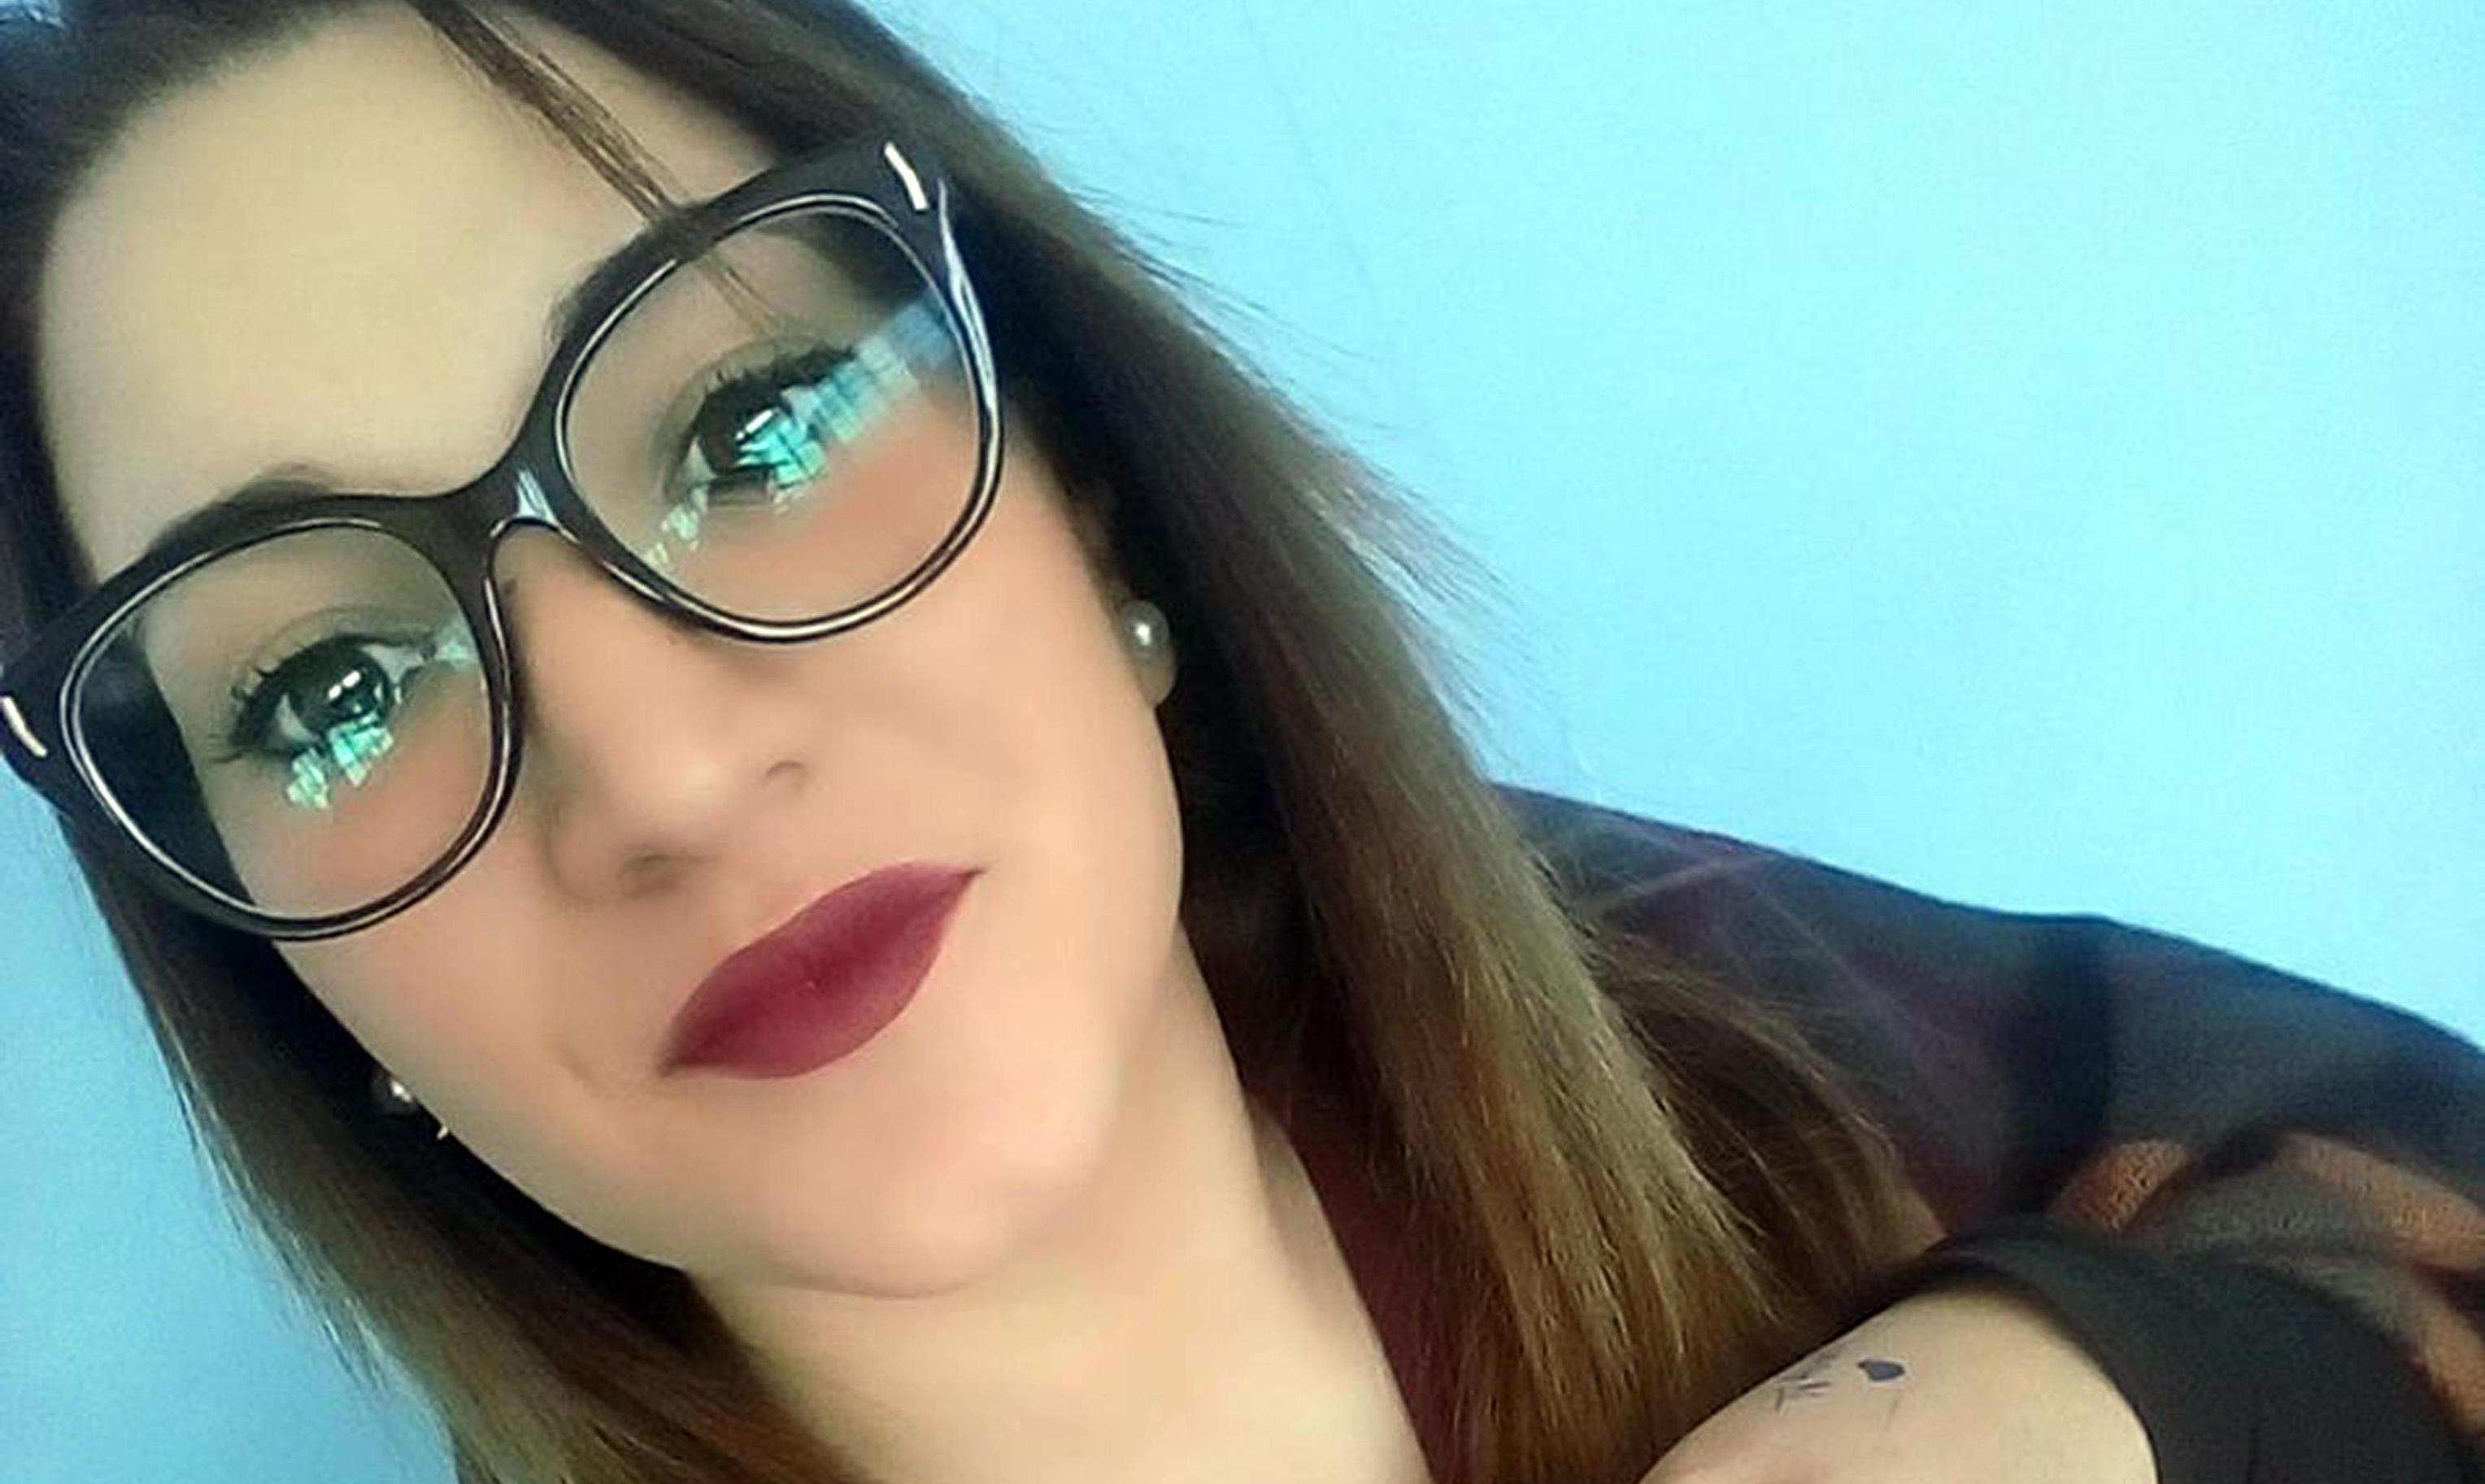 Noemi Durini, convalidato il fermo del 17enne: molotov contro la casa del ragazzo